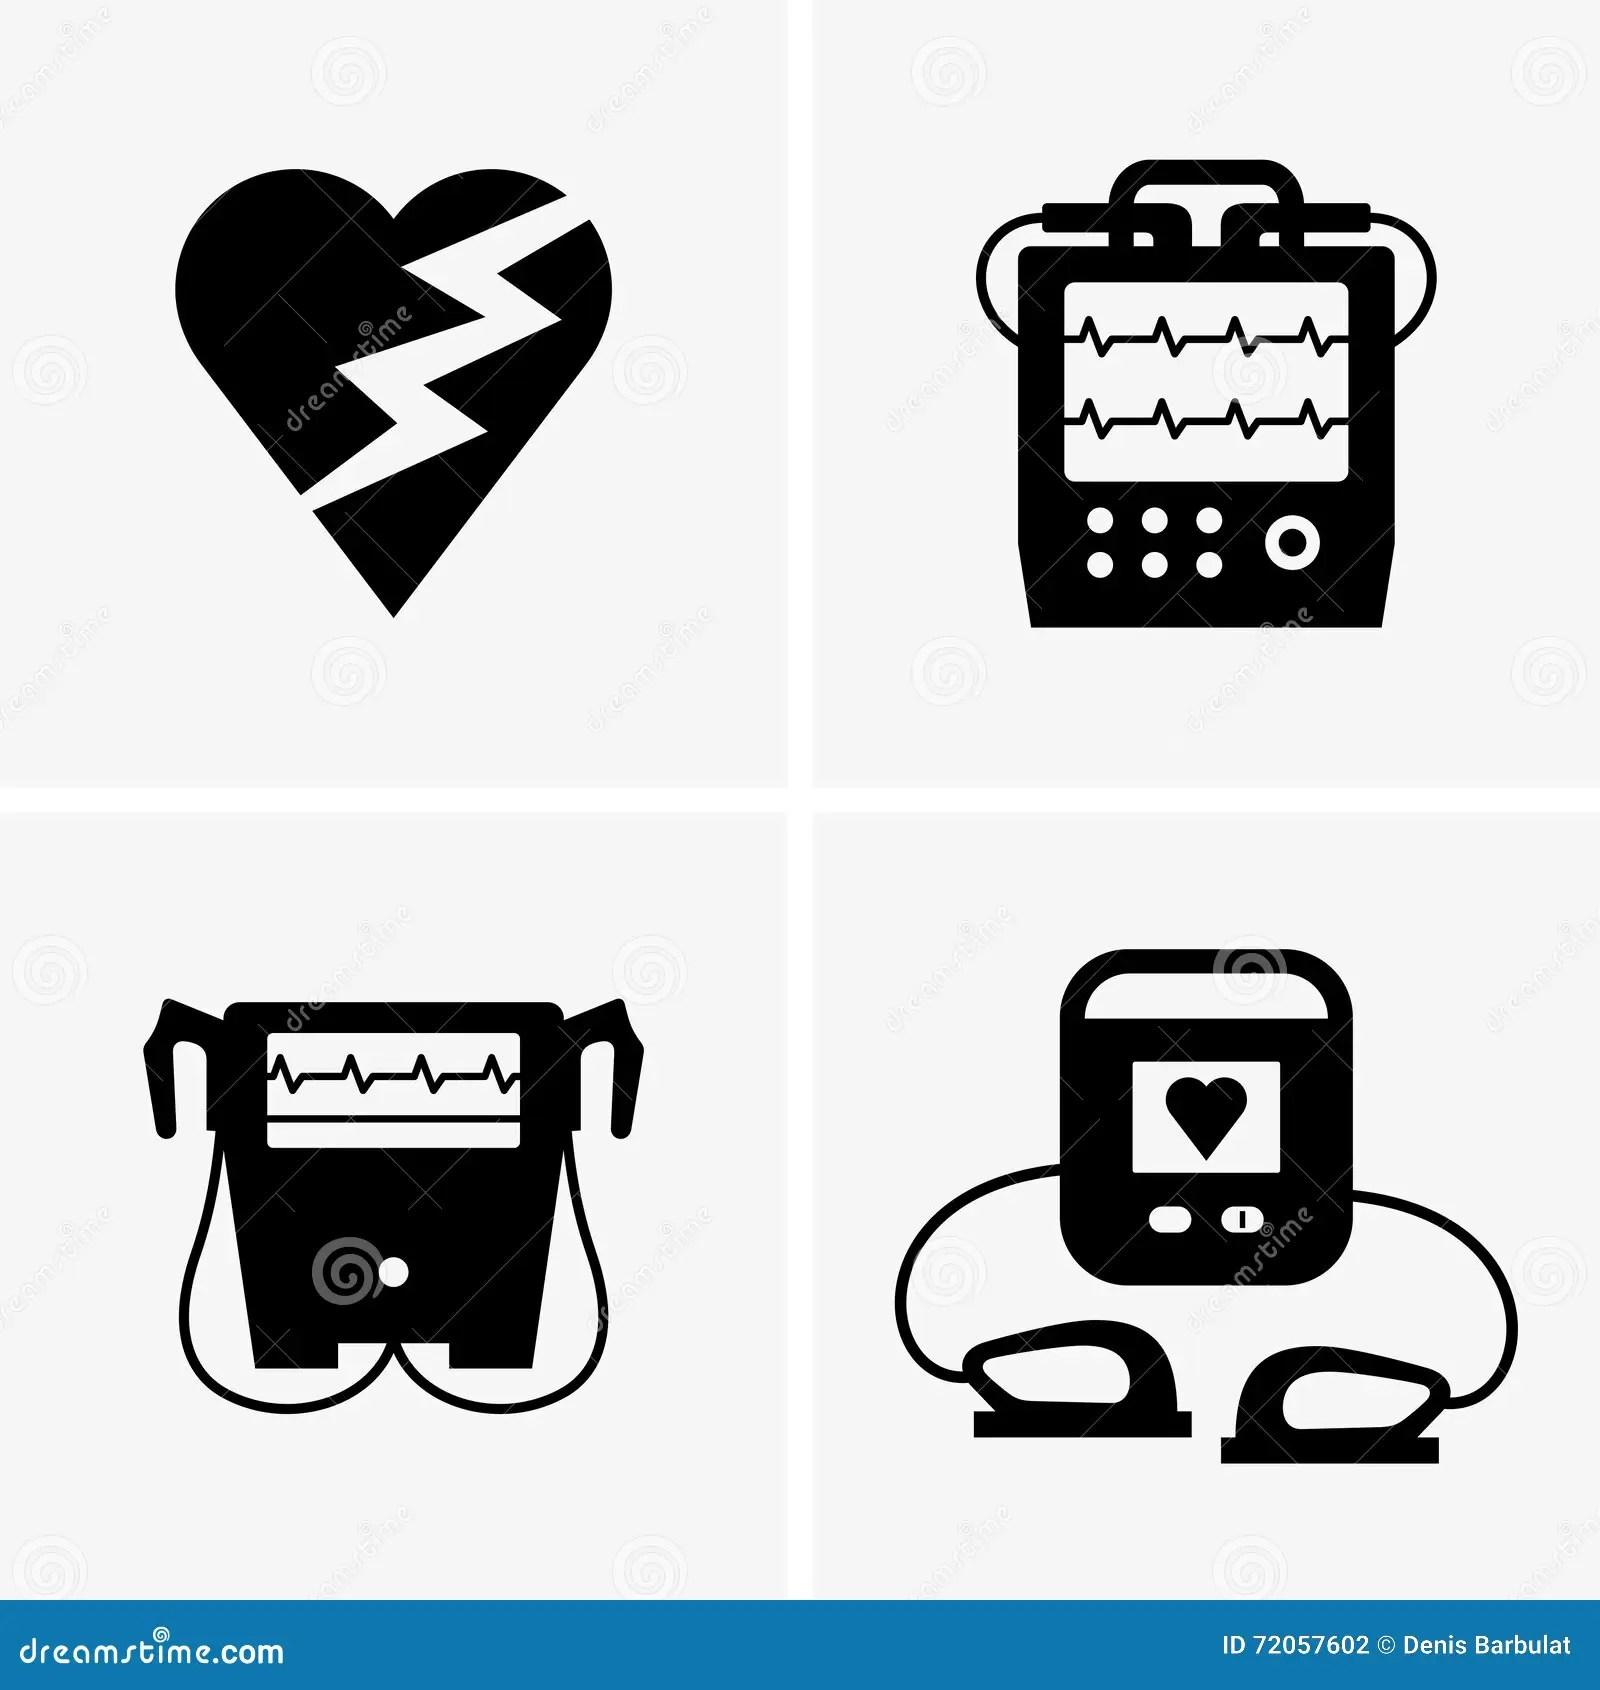 Defibrillator Cartoons, Illustrations & Vector Stock